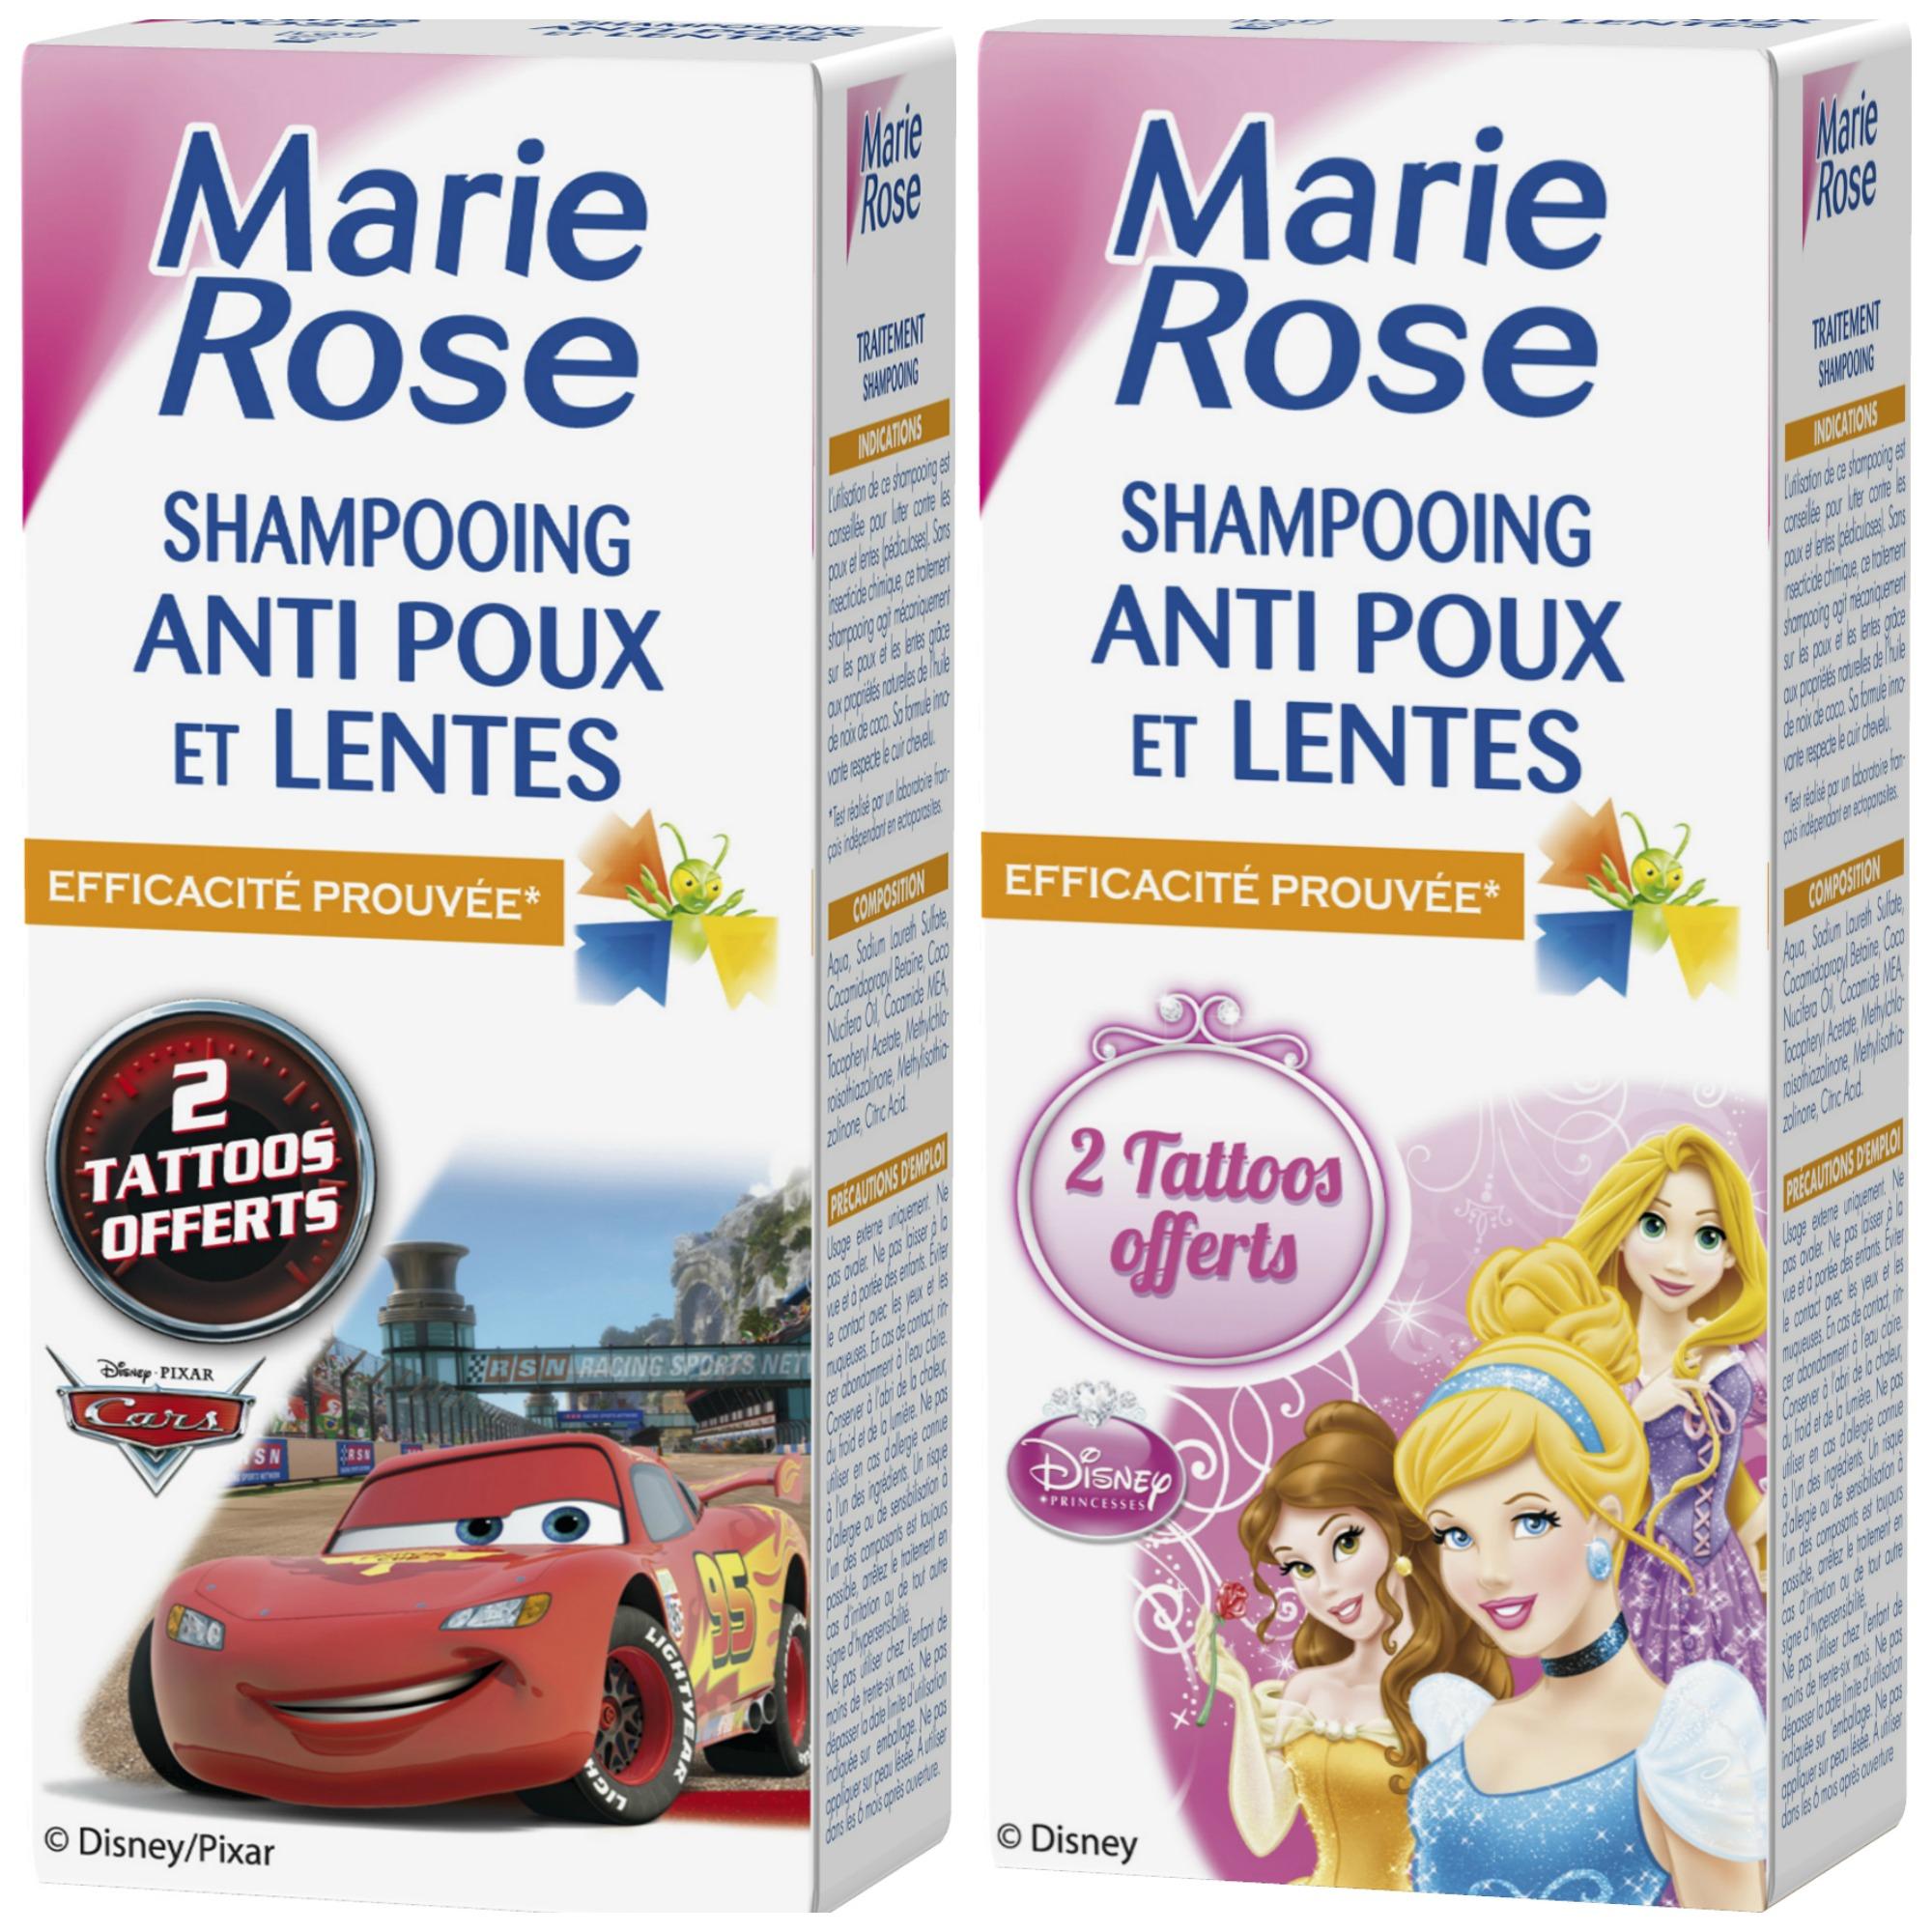 Marie rose nous invite la chasse aux poux expressions d 39 enfants - Astuce pour se debarrasser des mouches ...